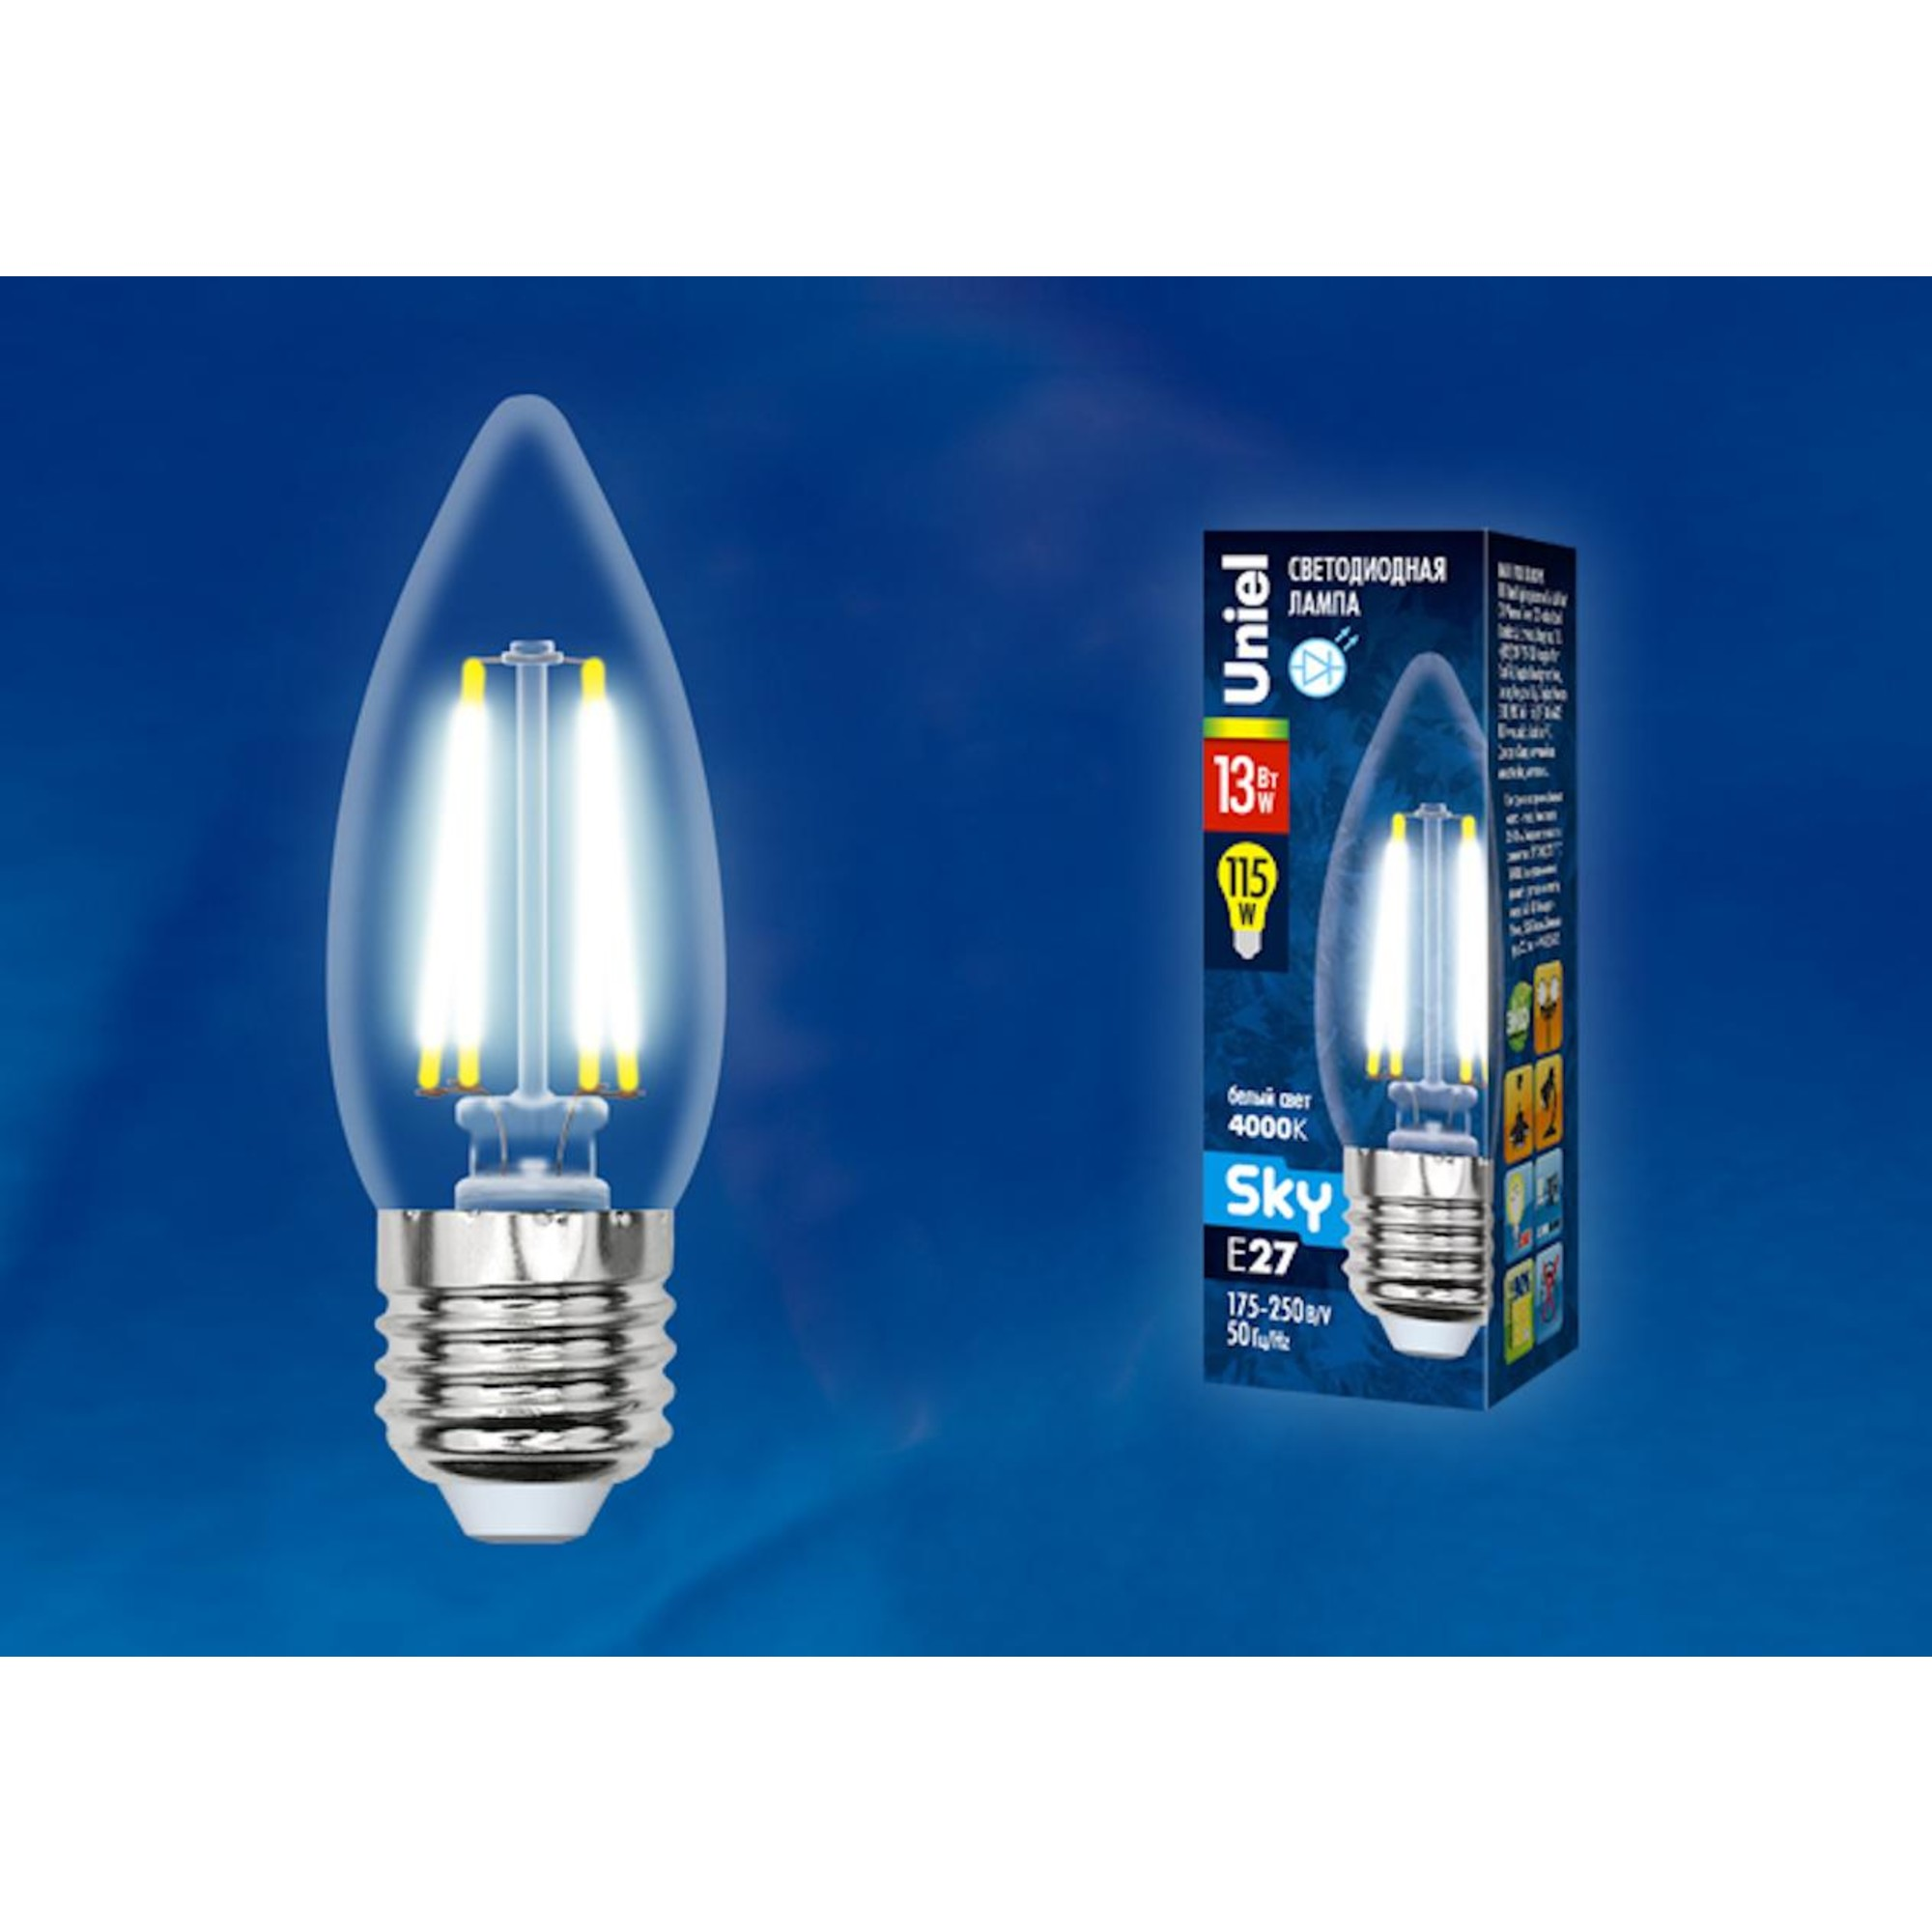 Светодиодная лампочка Uniel UL-00005902 E27 1150 Лм 13 Вт